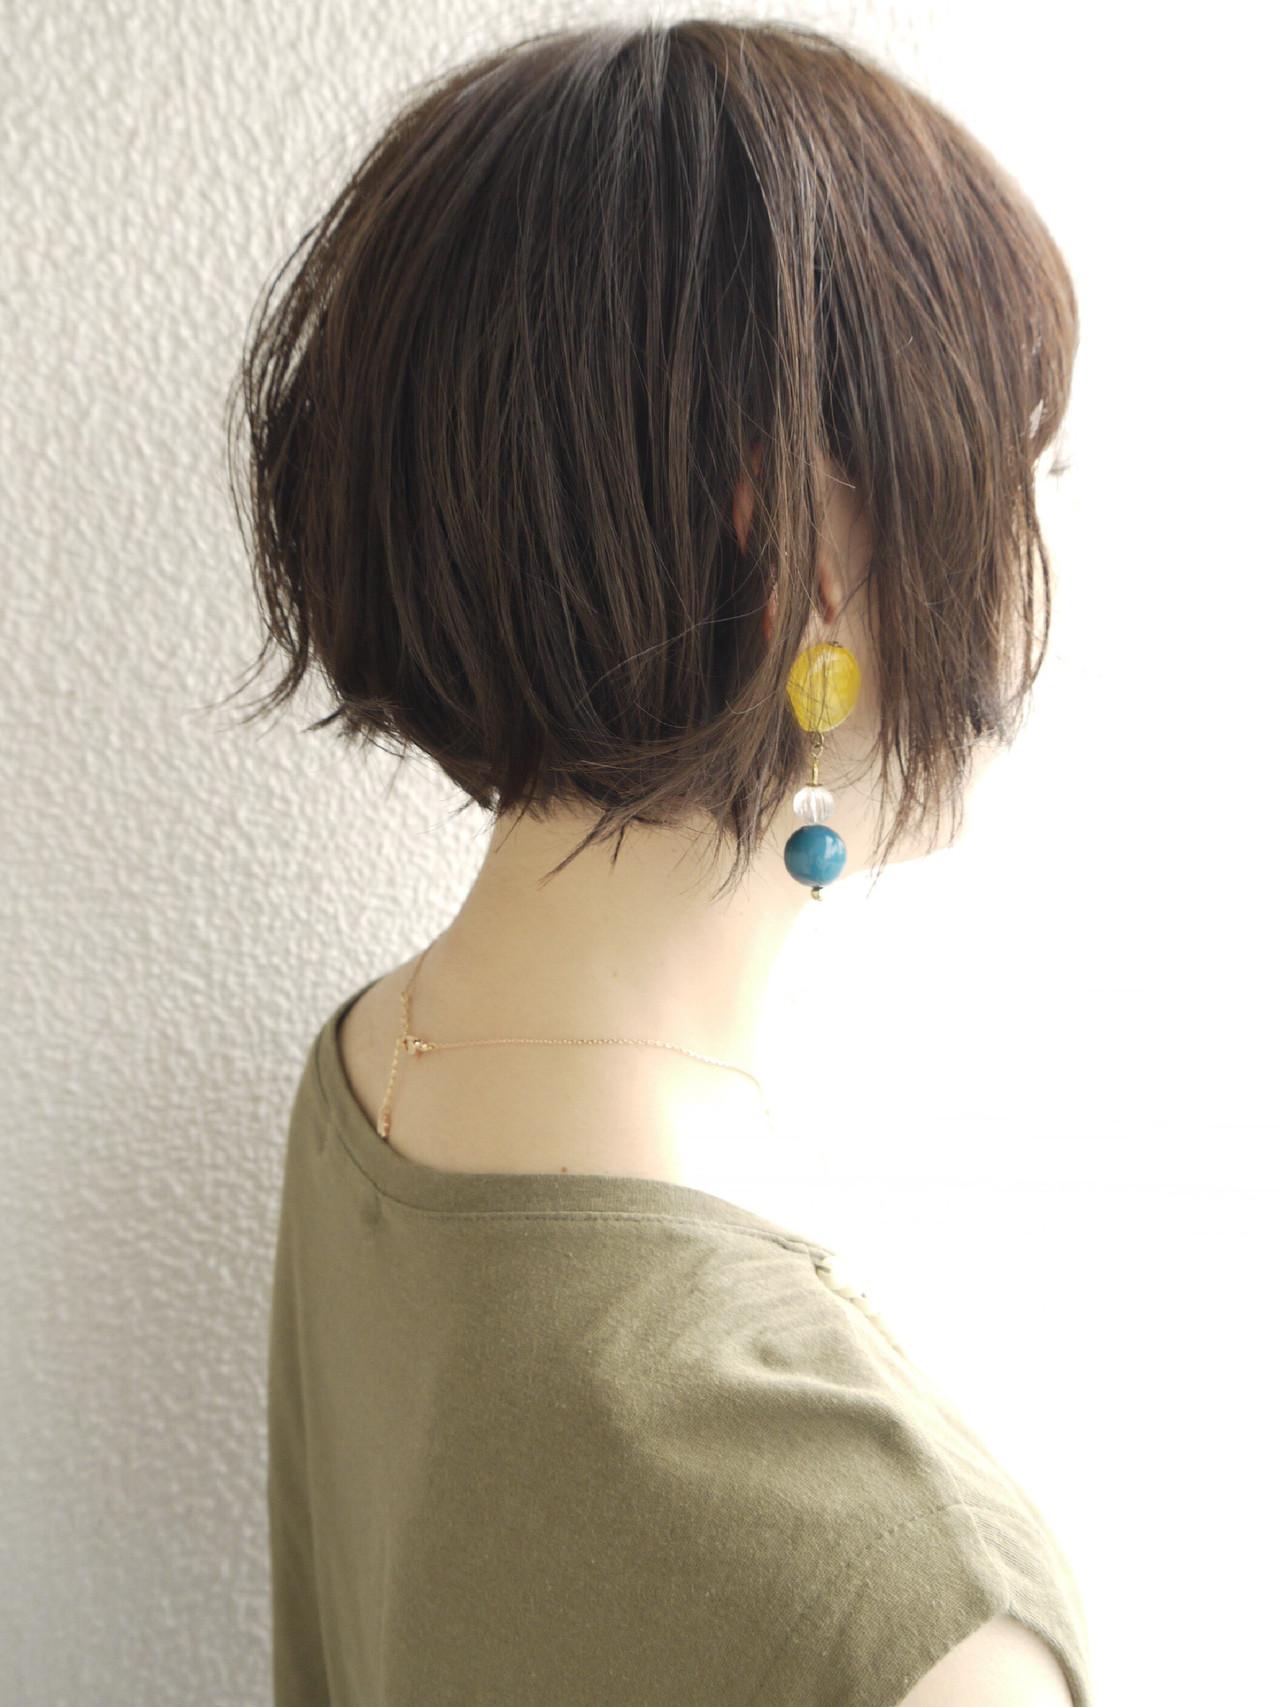 パーマ ボブ オフィス アッシュ ヘアスタイルや髪型の写真・画像   ムラマツ タケシ【morio原宿/成増】 / morio flom London